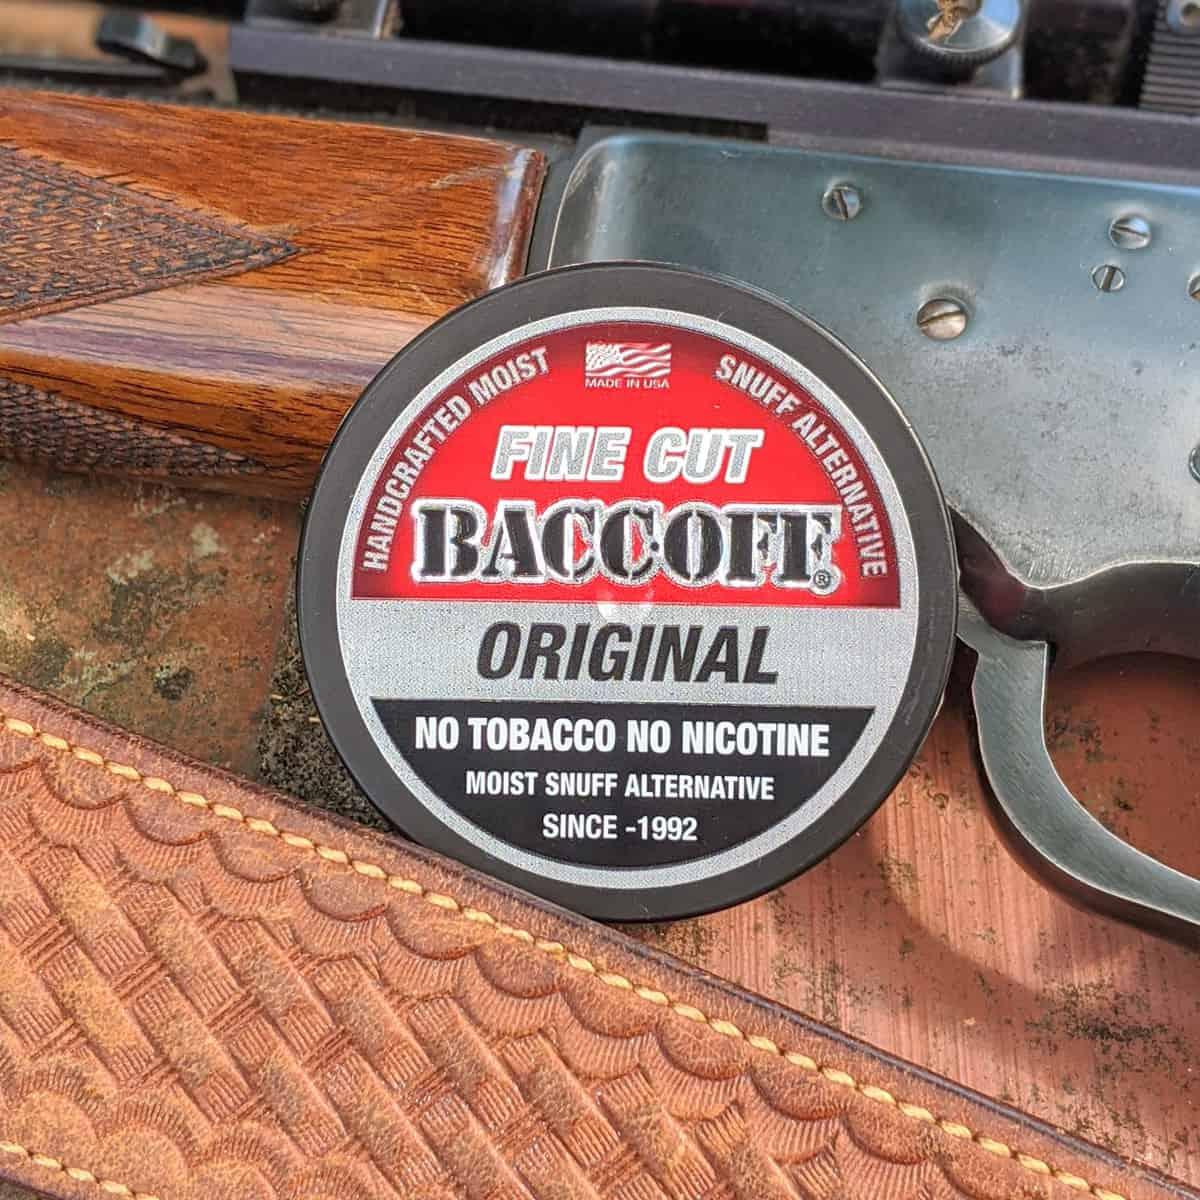 baccoff original fine cut